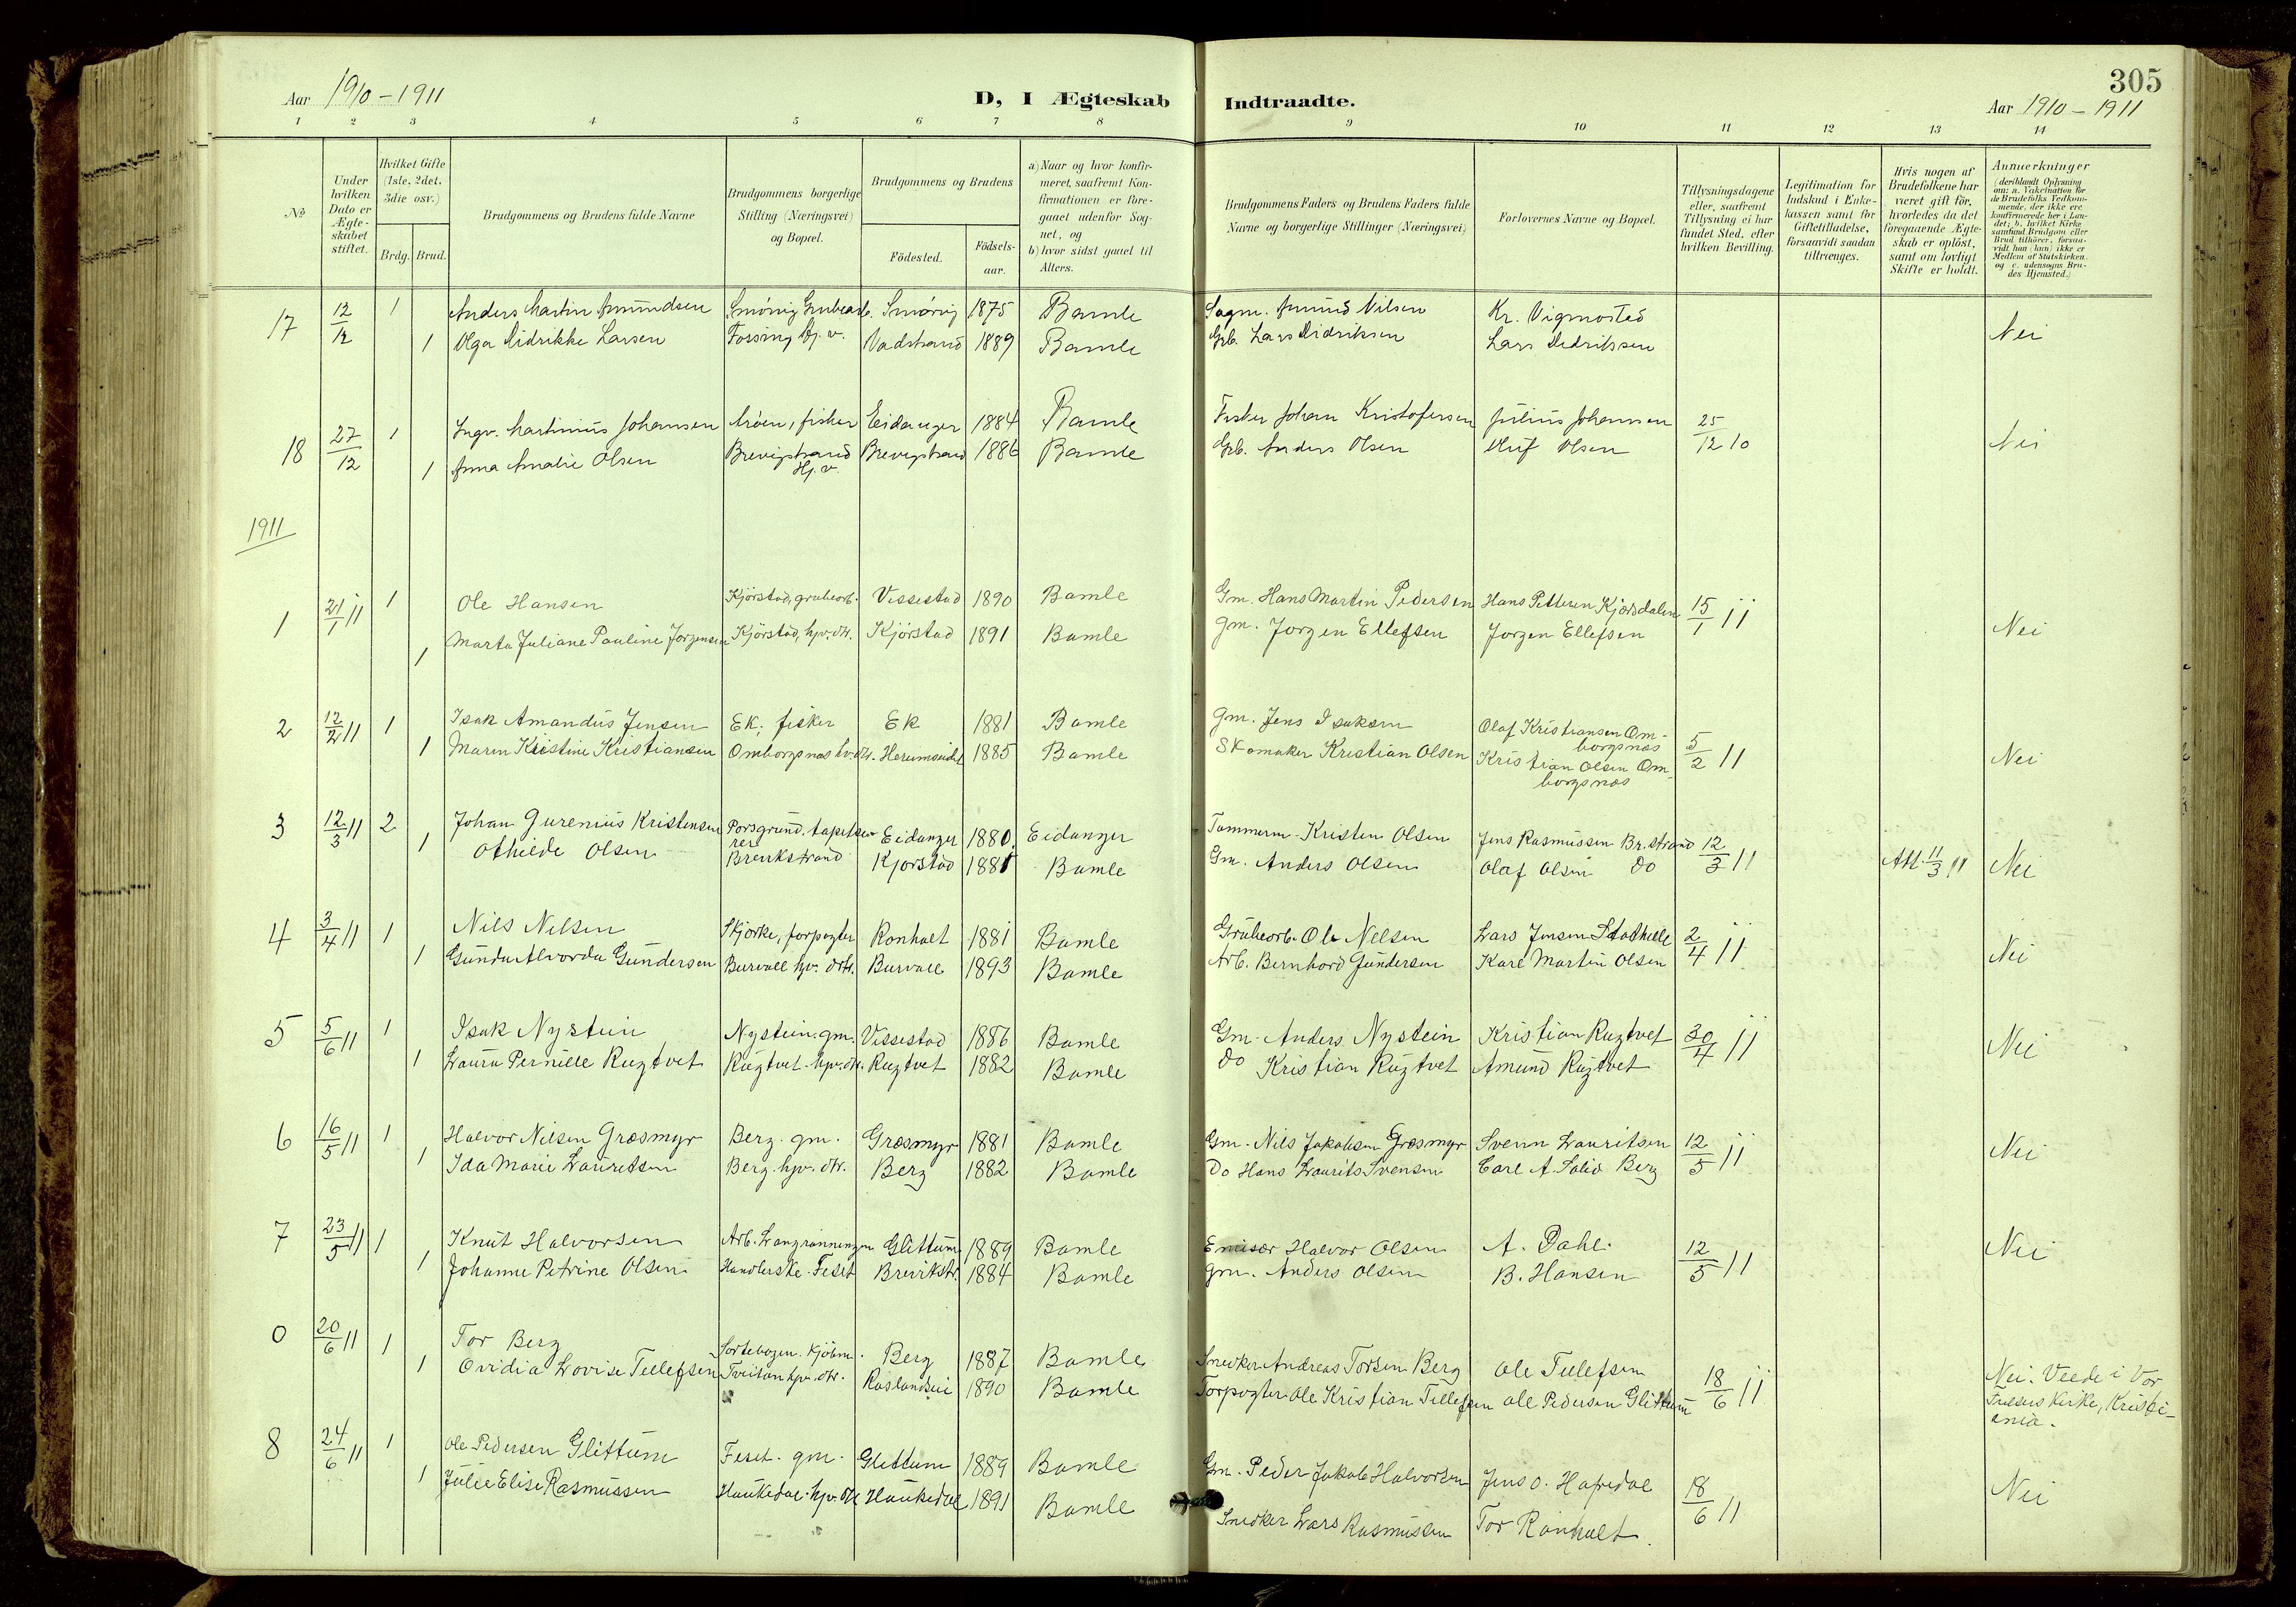 SAKO, Bamble kirkebøker, G/Ga/L0010: Klokkerbok nr. I 10, 1901-1919, s. 305